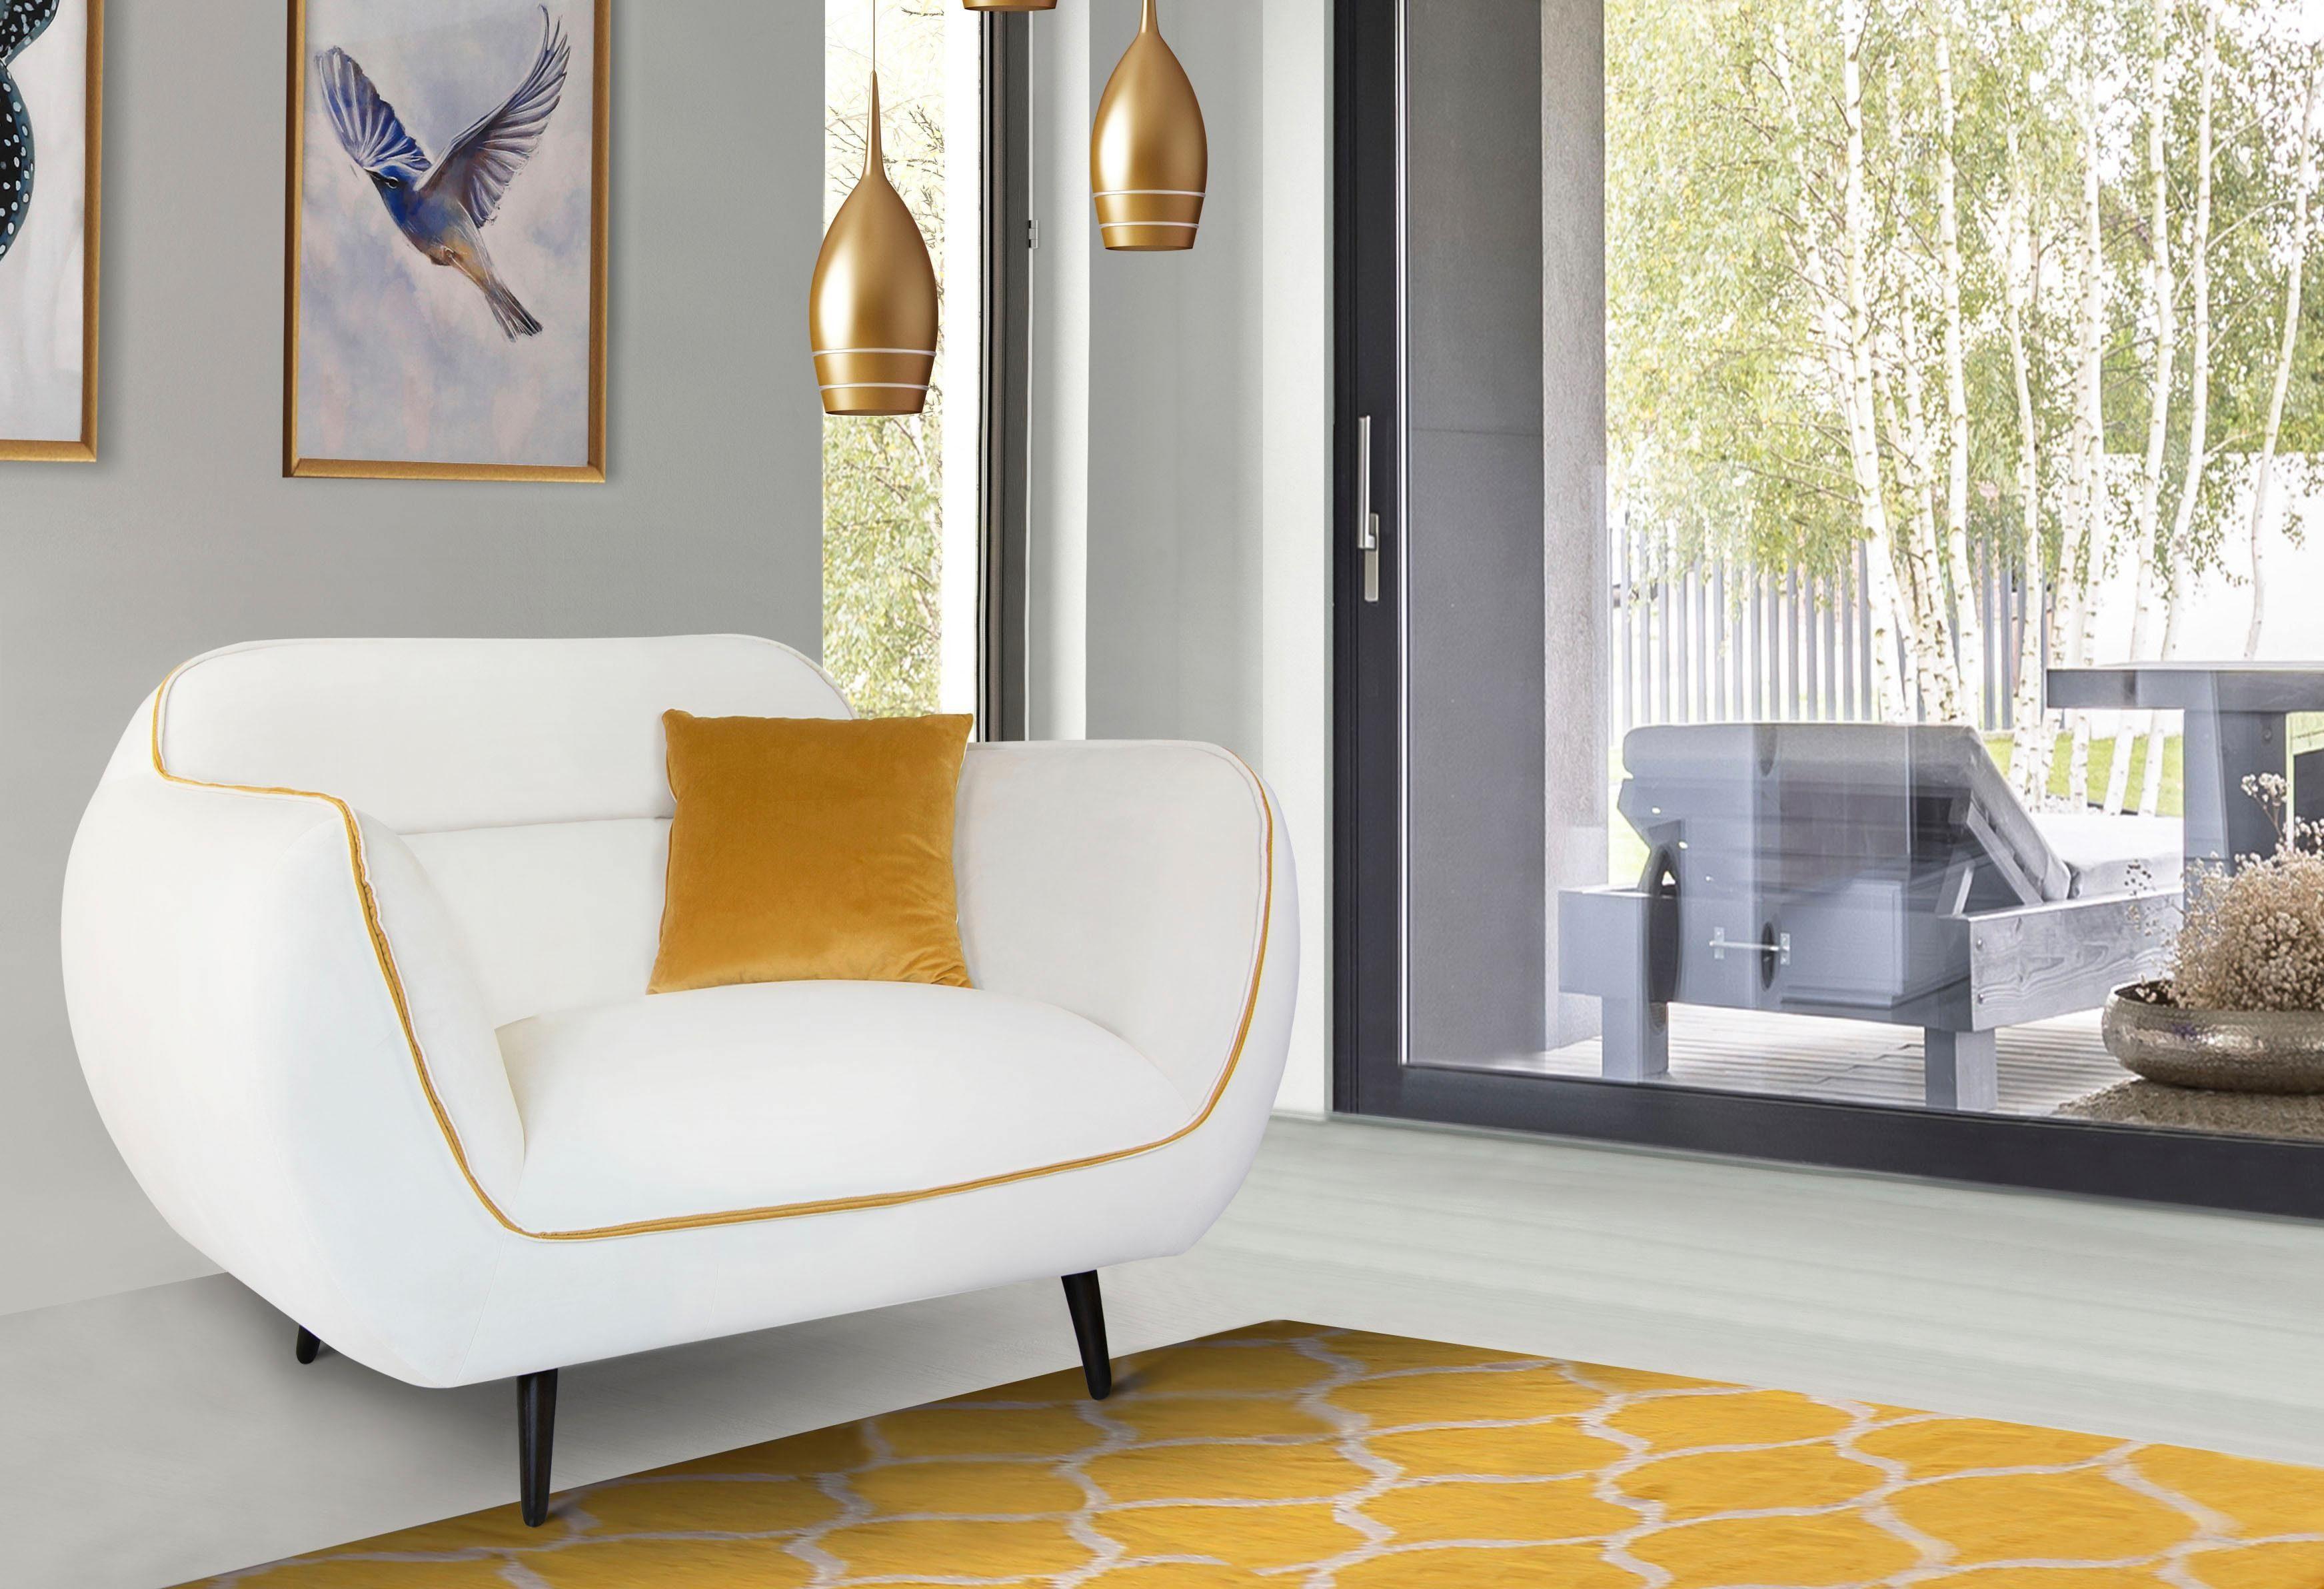 INOSIGN Sessel »Toscania«, Keder mit abgesetzter Farbe, modernes Design online kaufen | OTTO